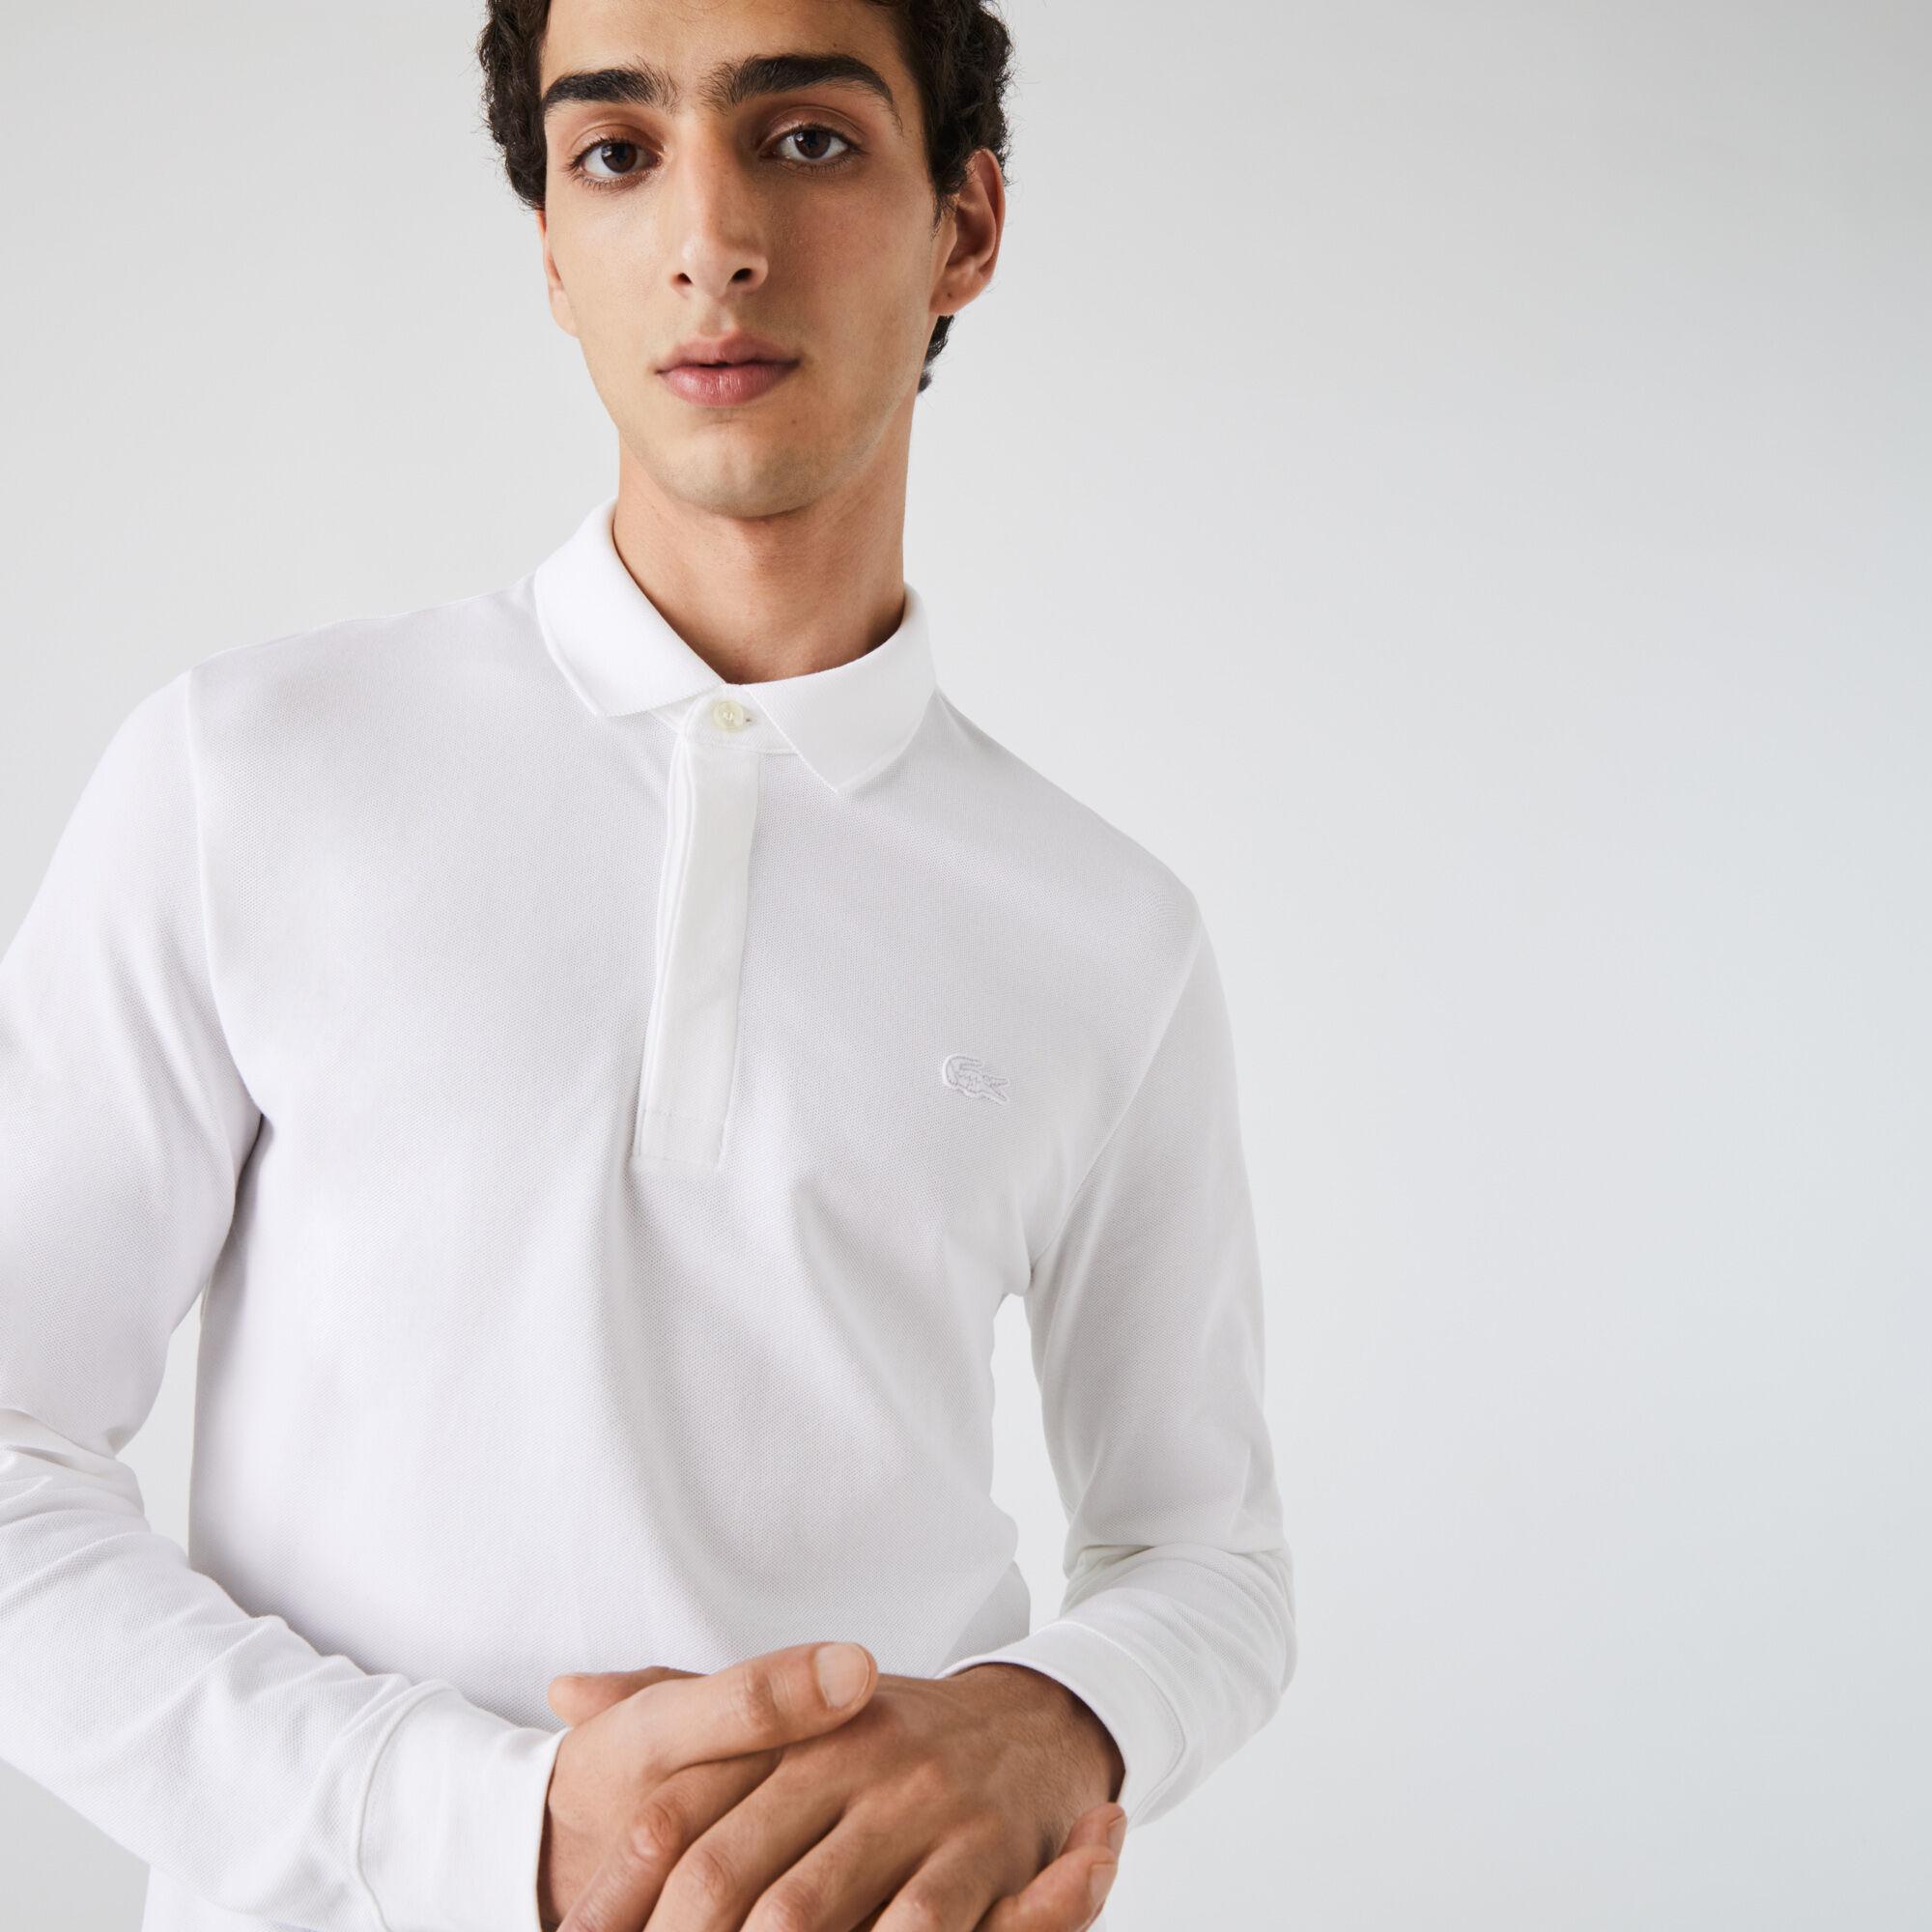 Men's Long-sleeve Lacoste Paris Polo Shirt Regular Fit Stretch Cotton Piqué